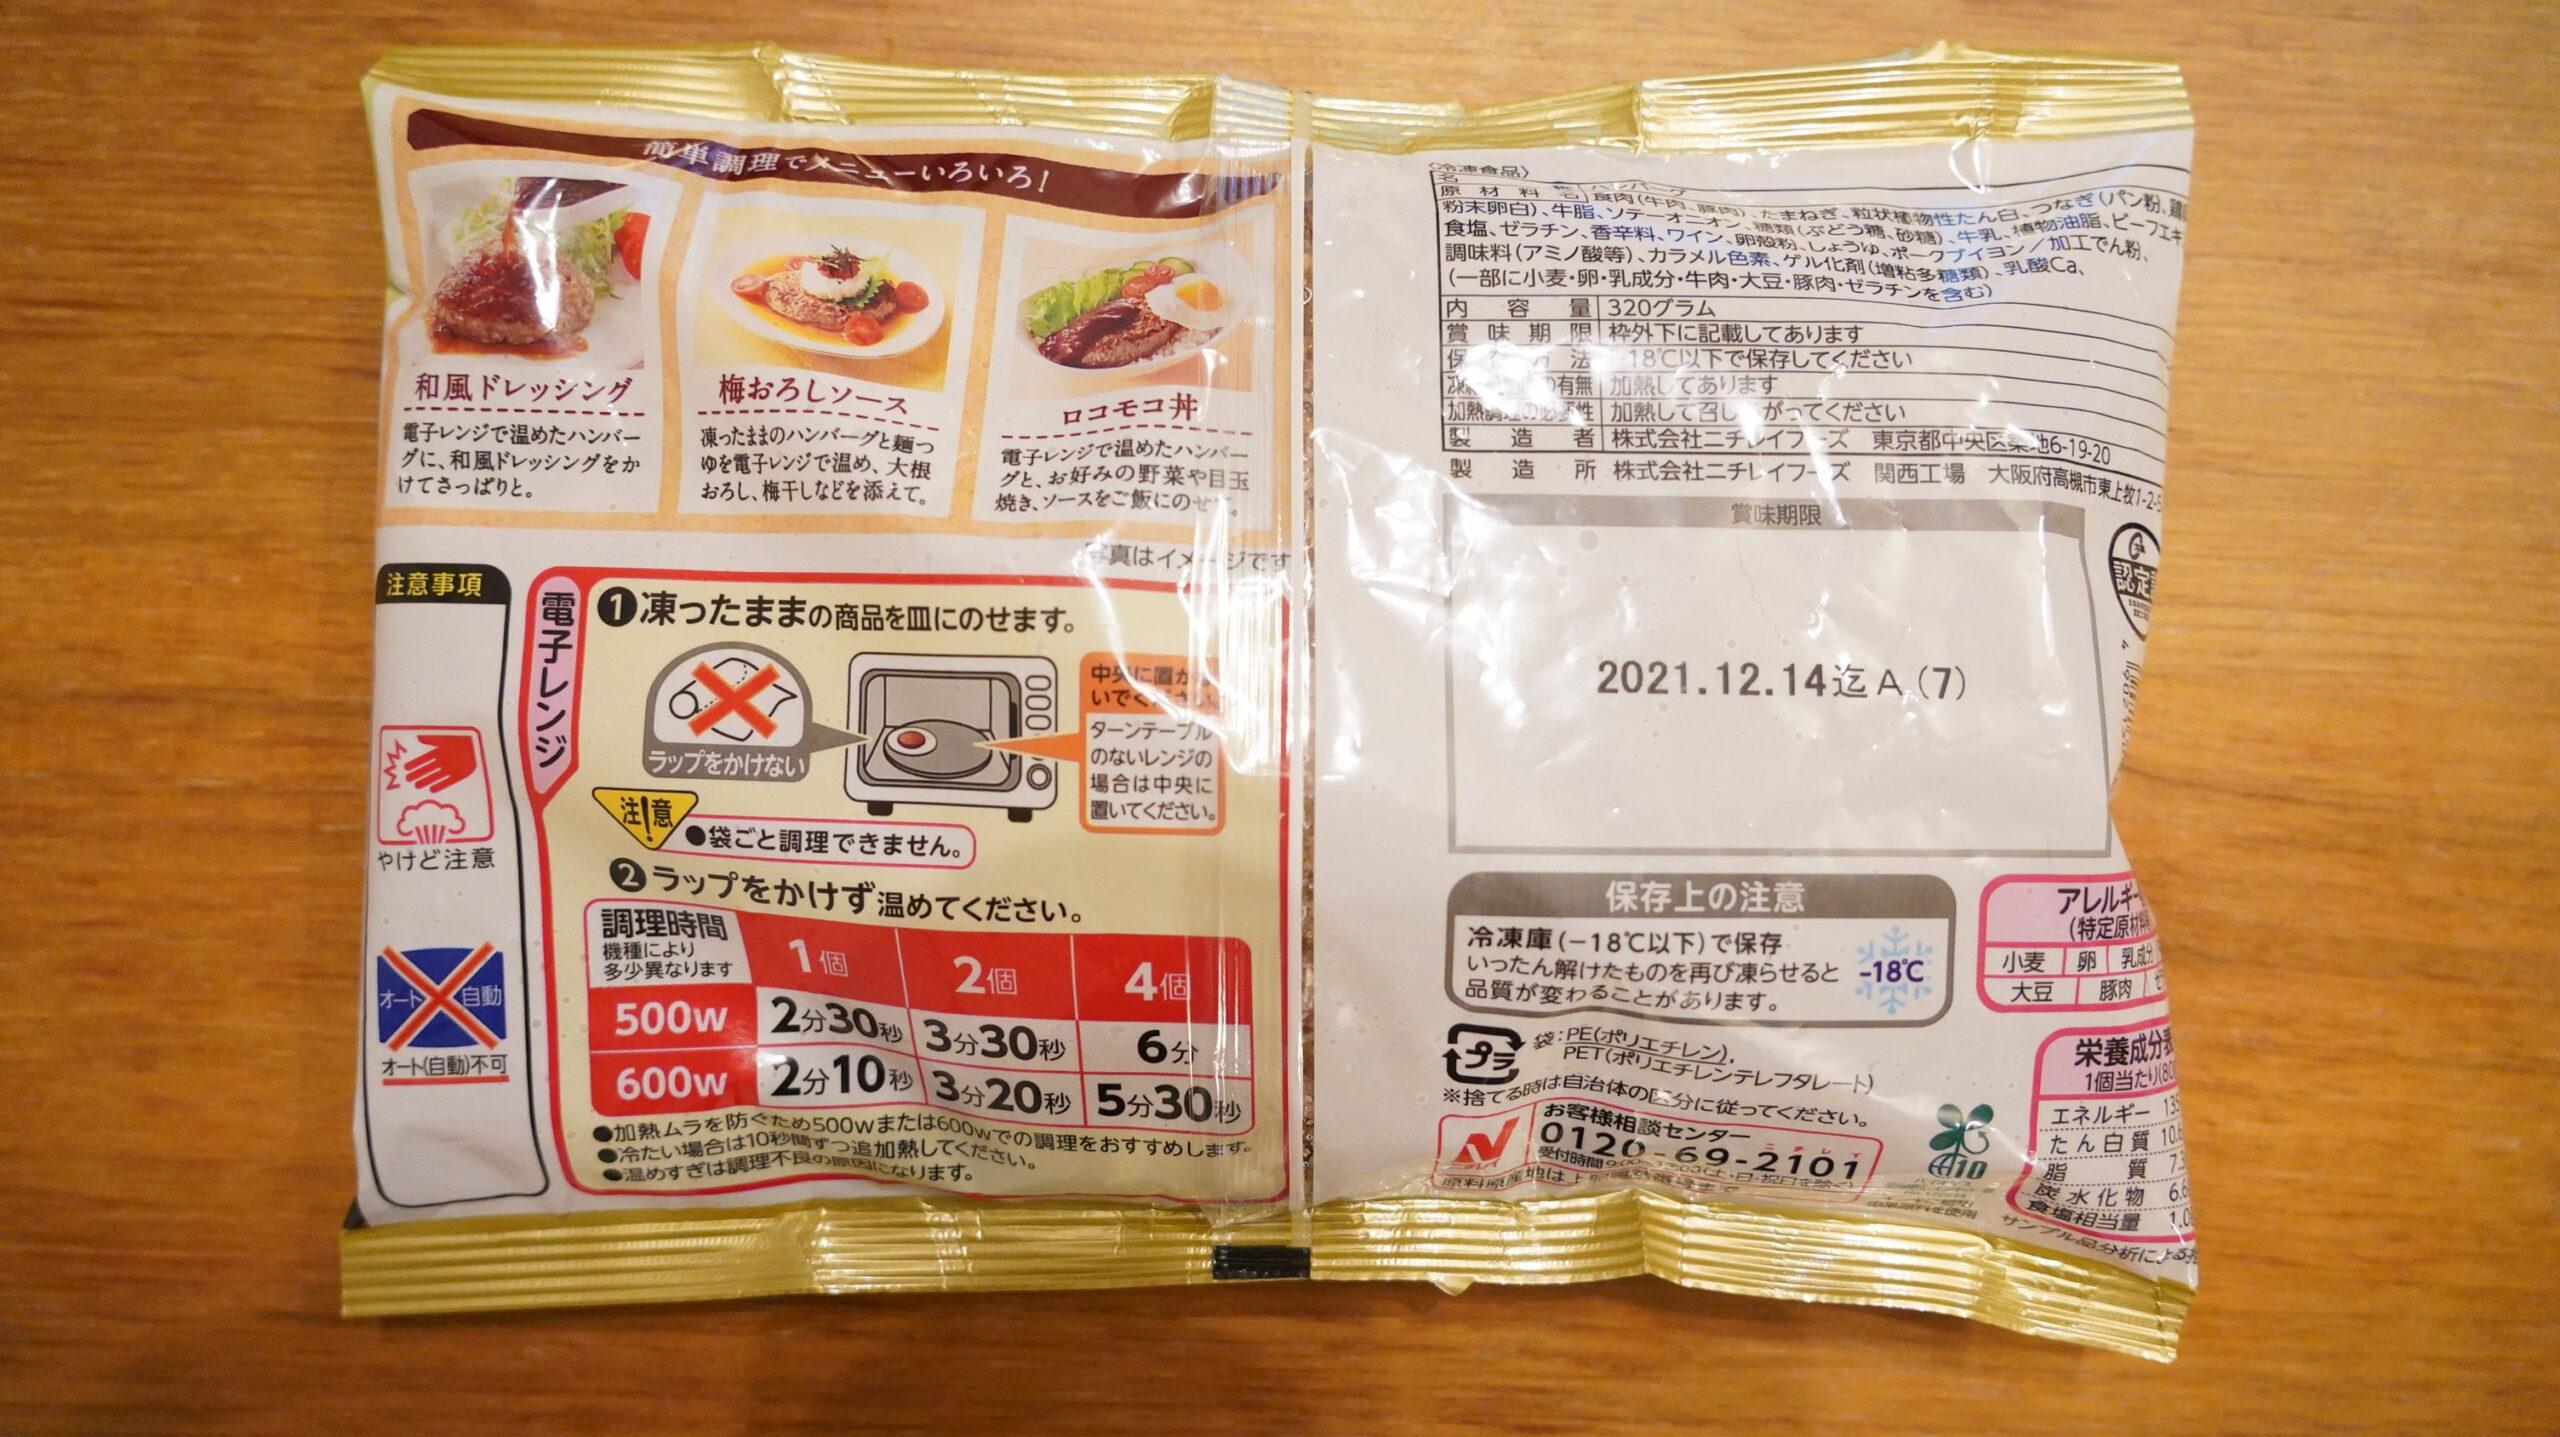 生協宅配の冷凍食品「肉汁じゅわっとハンバーグ」のパッケージ裏面の写真